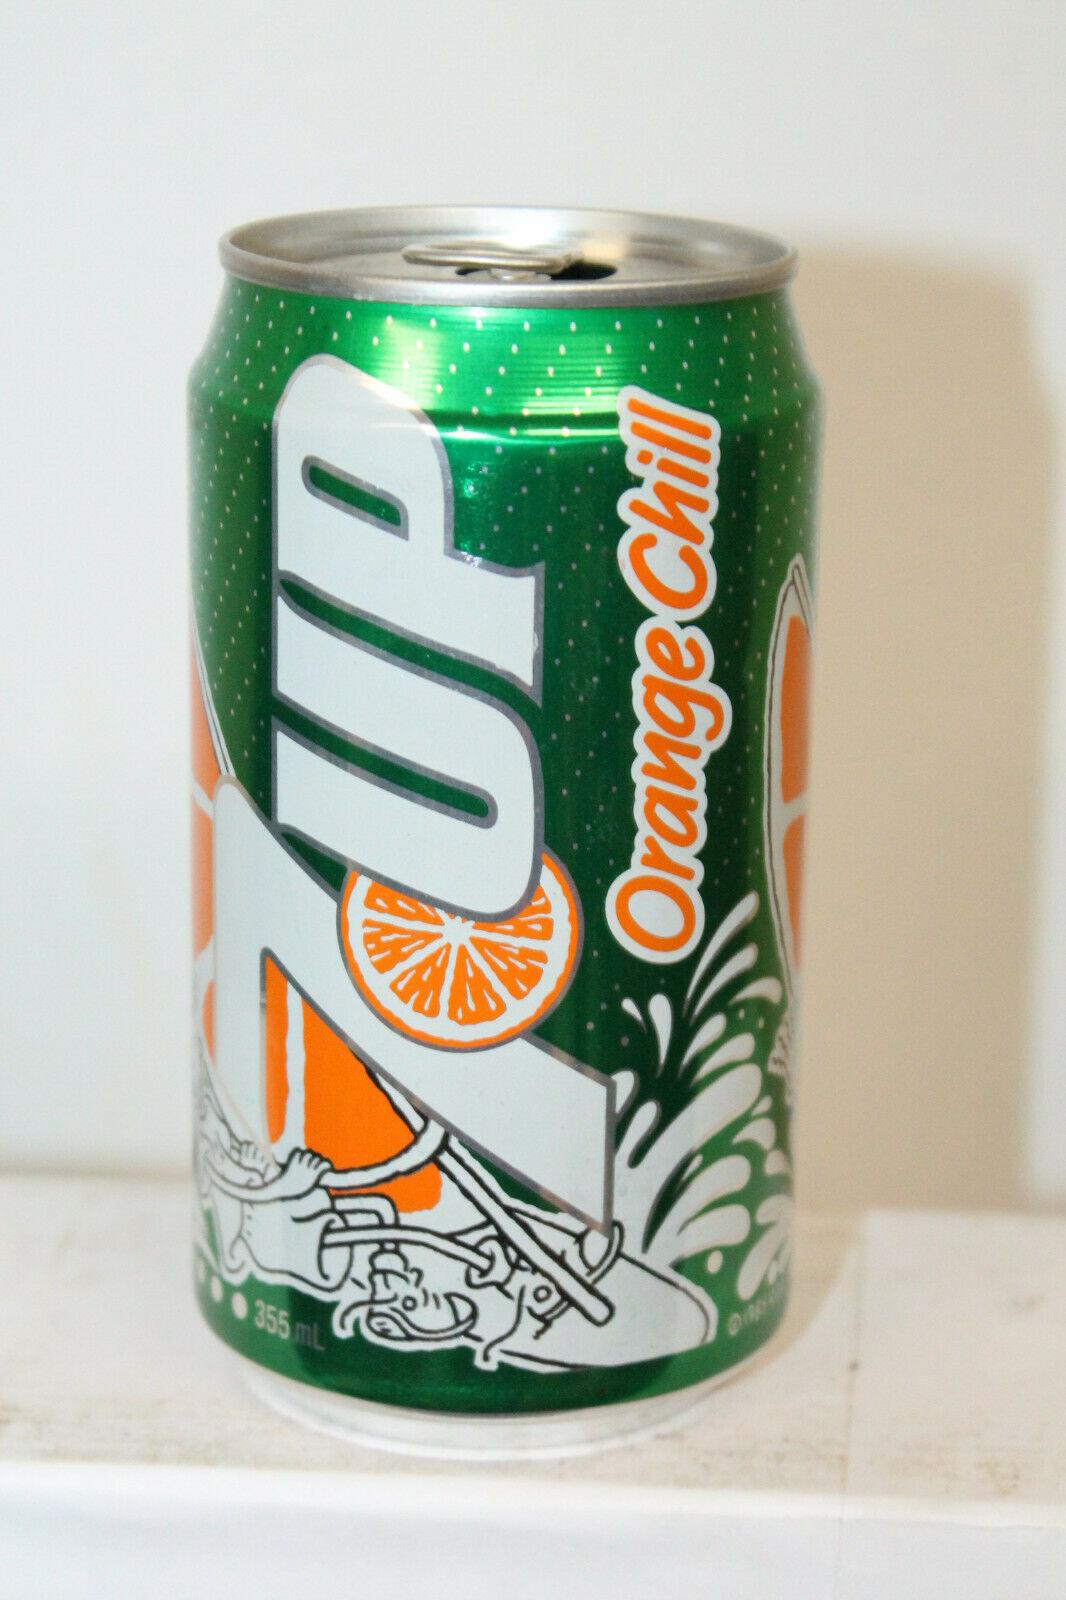 7up-orangechill.jpg